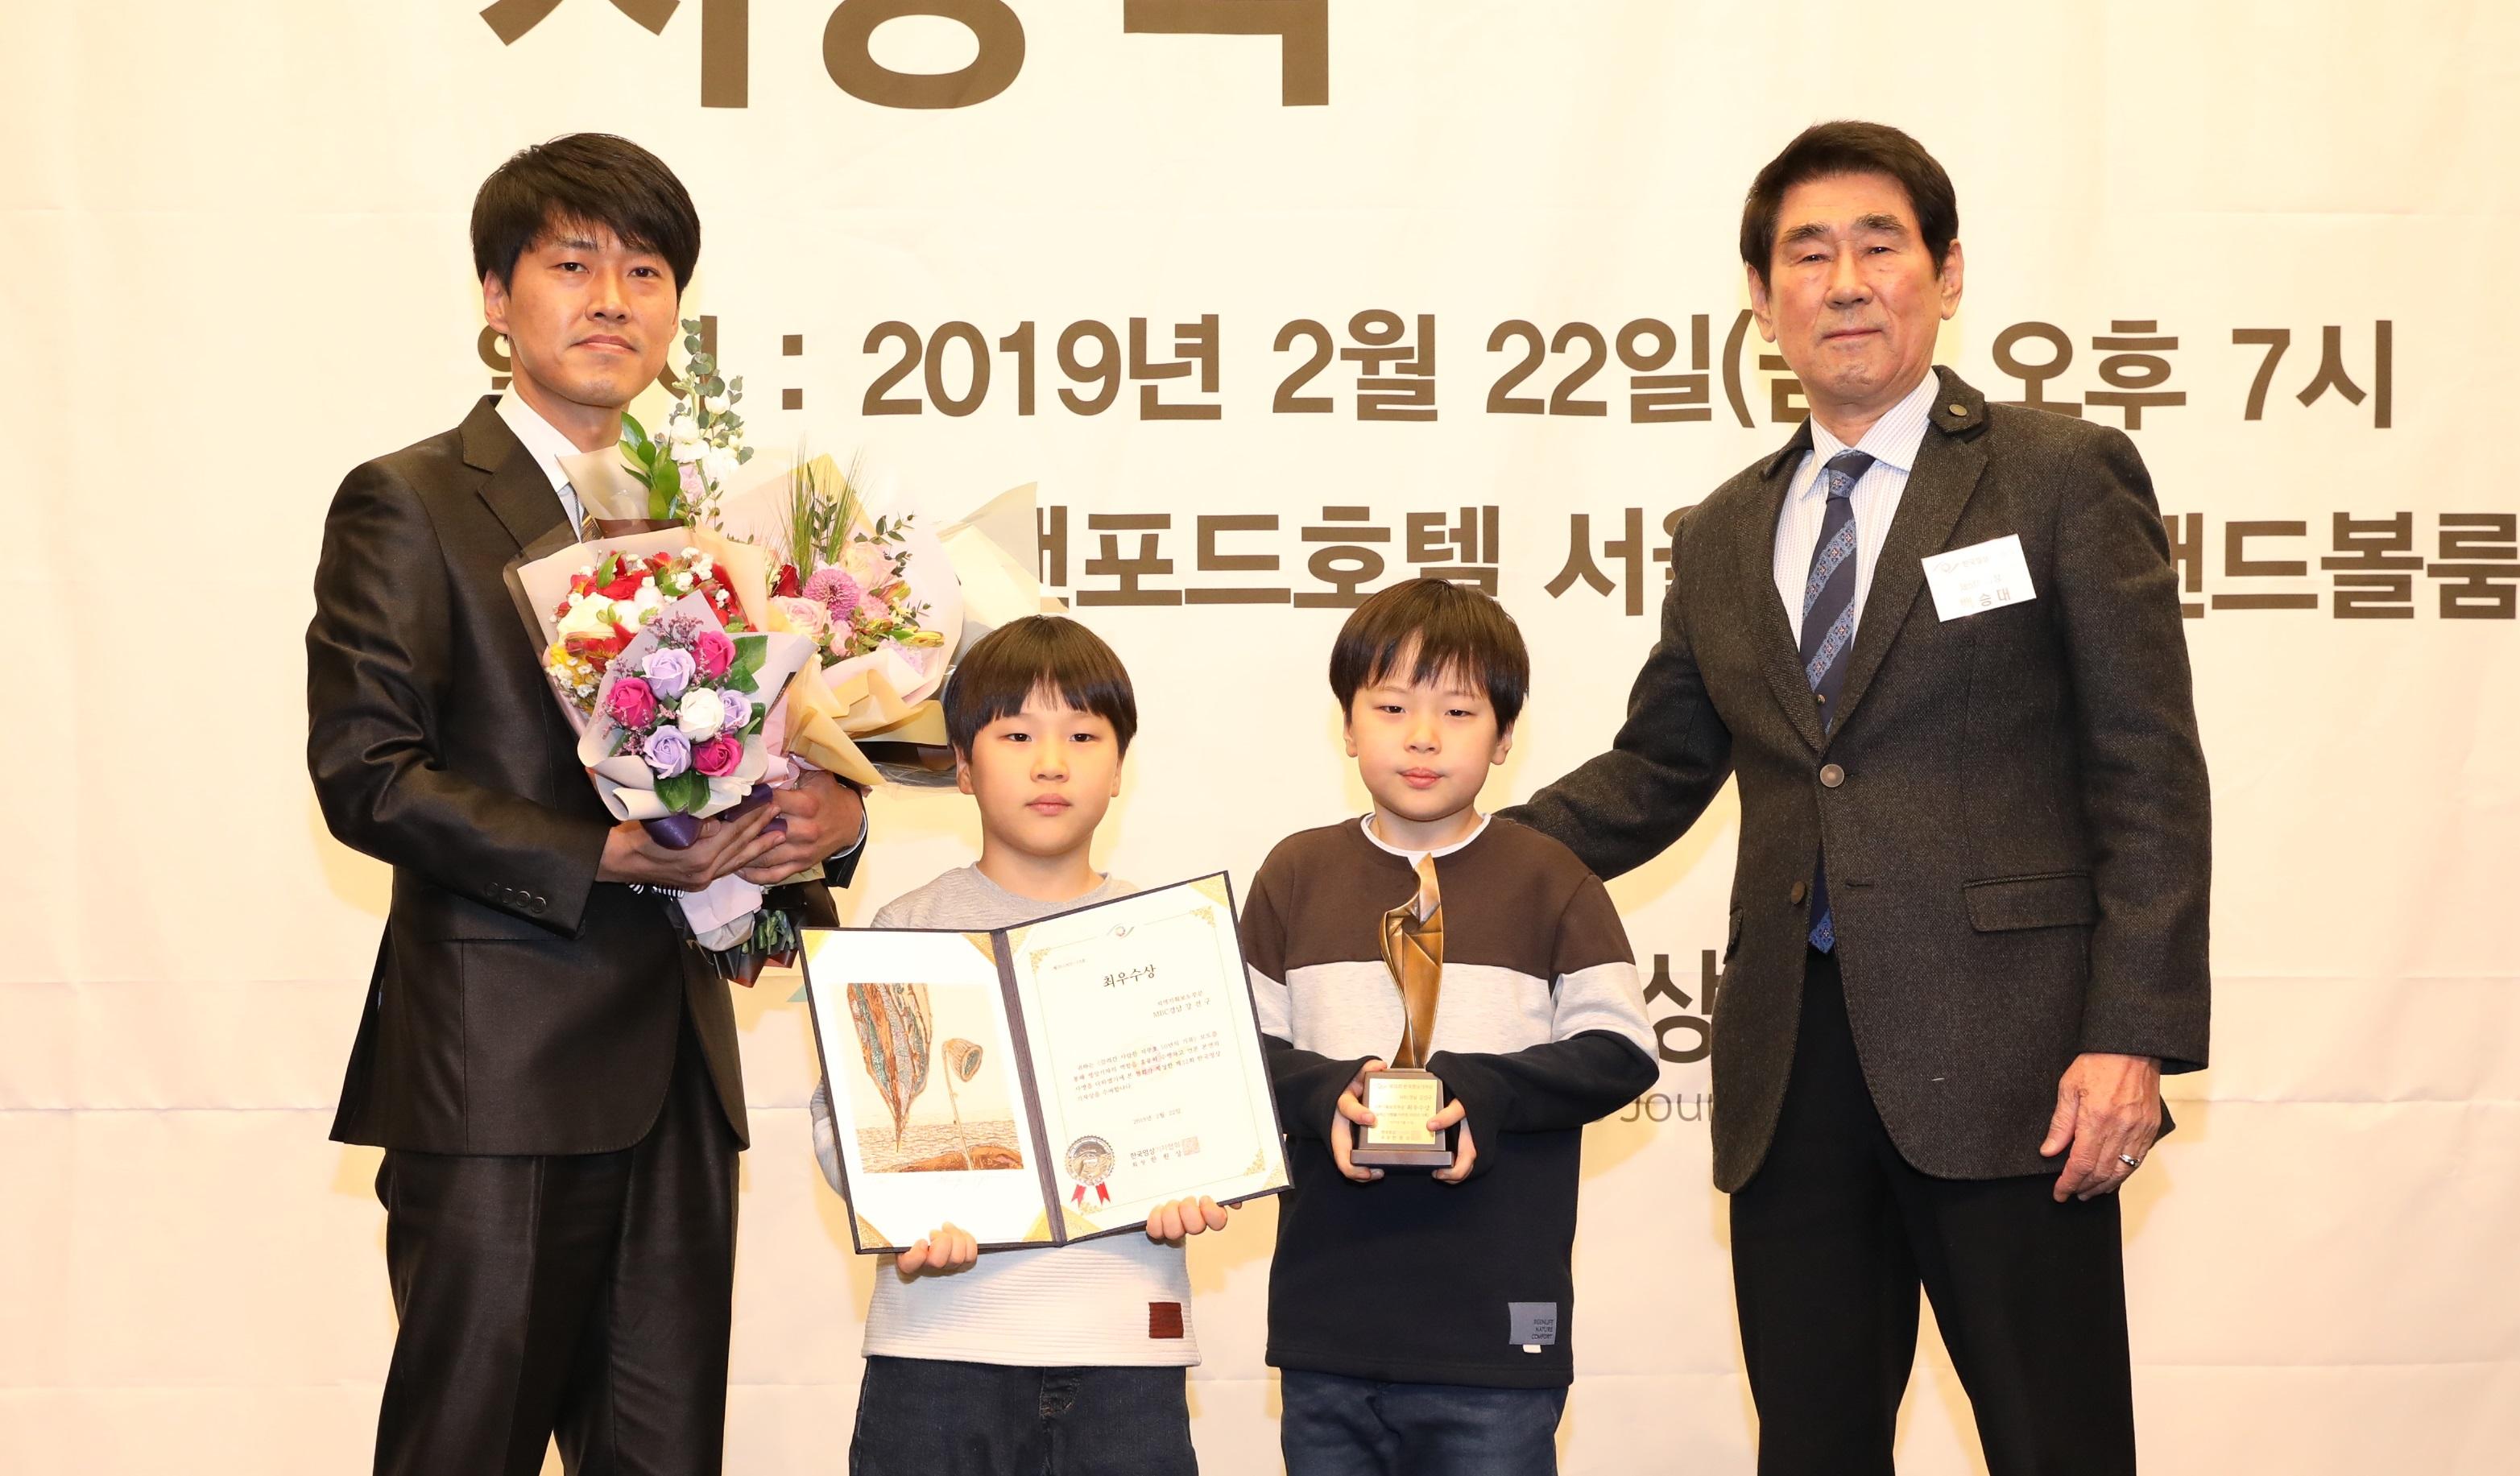 4.지역기획보도부문 최우수상 MBC경남 강건구.jpg